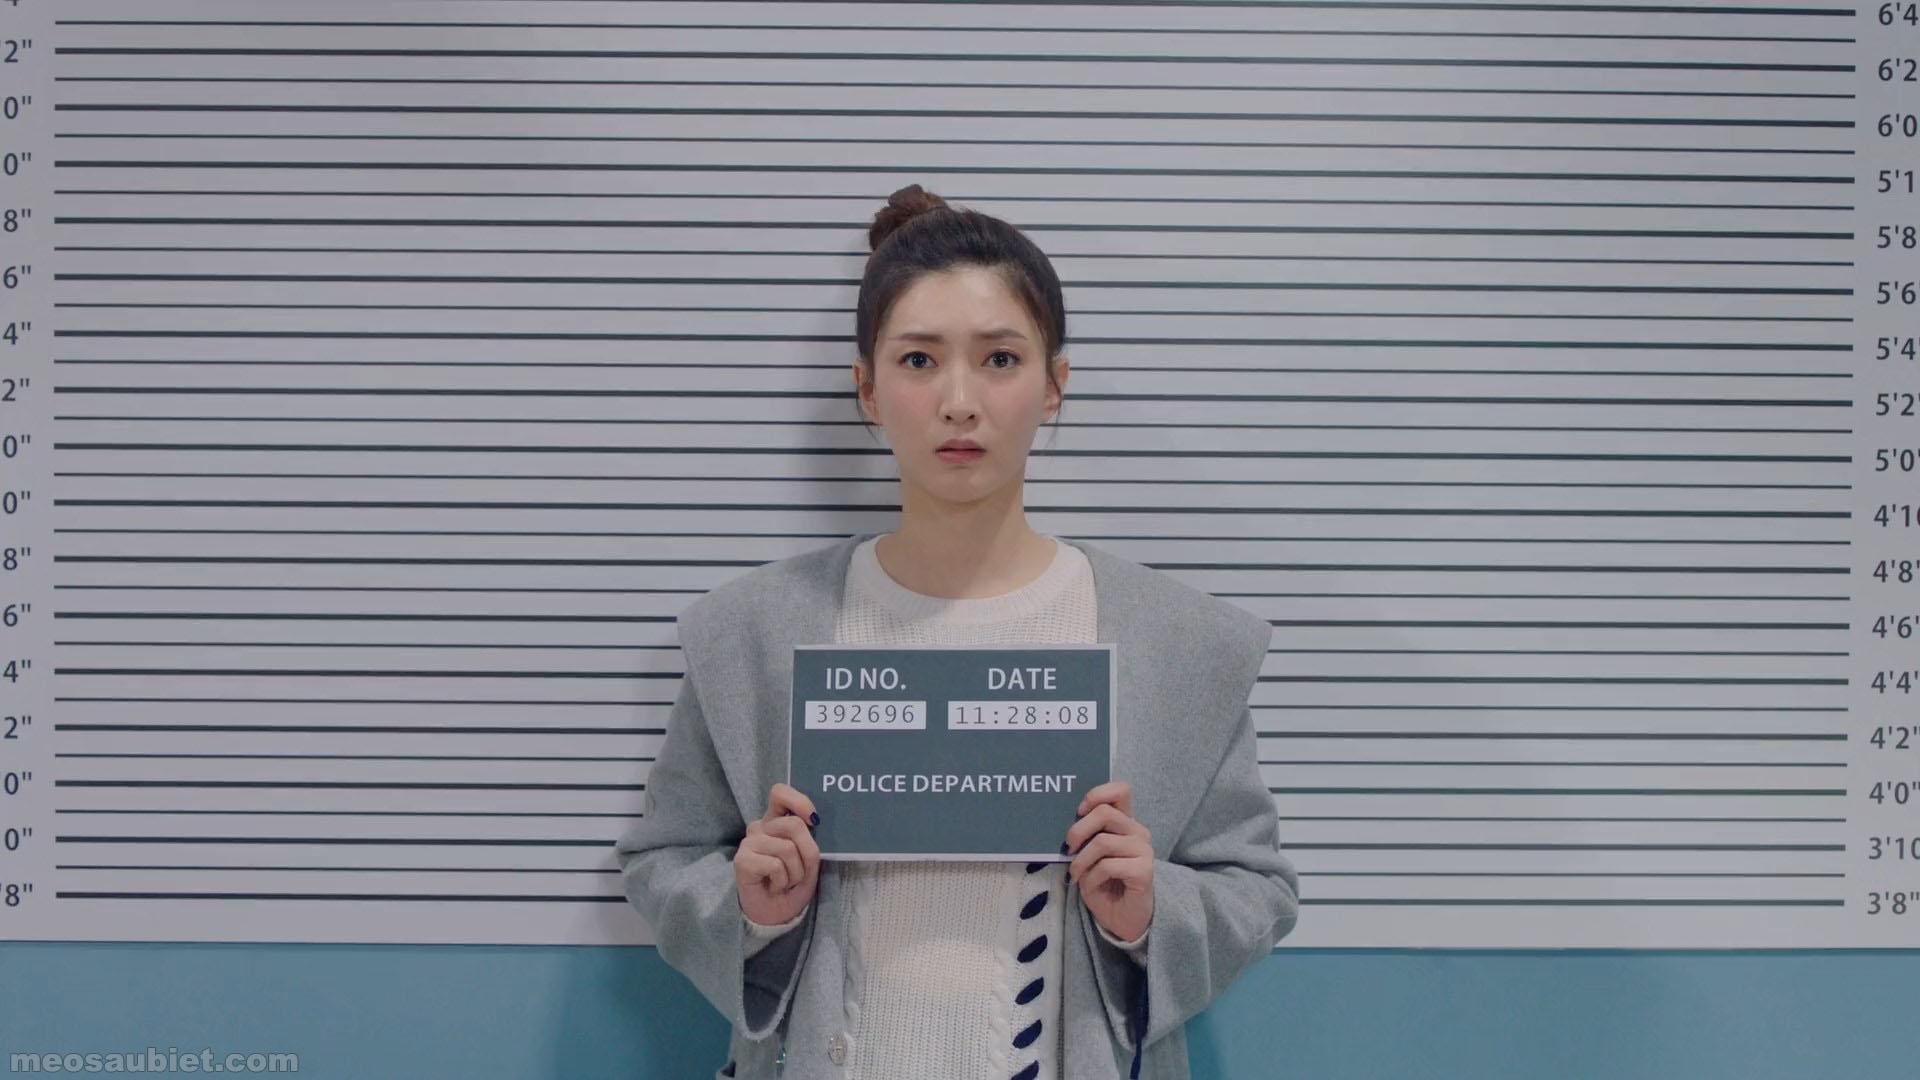 Anh ở Bắc Kinh đợi em 2020 Giang Sơ Ảnh trong vai Thịnh Hạ